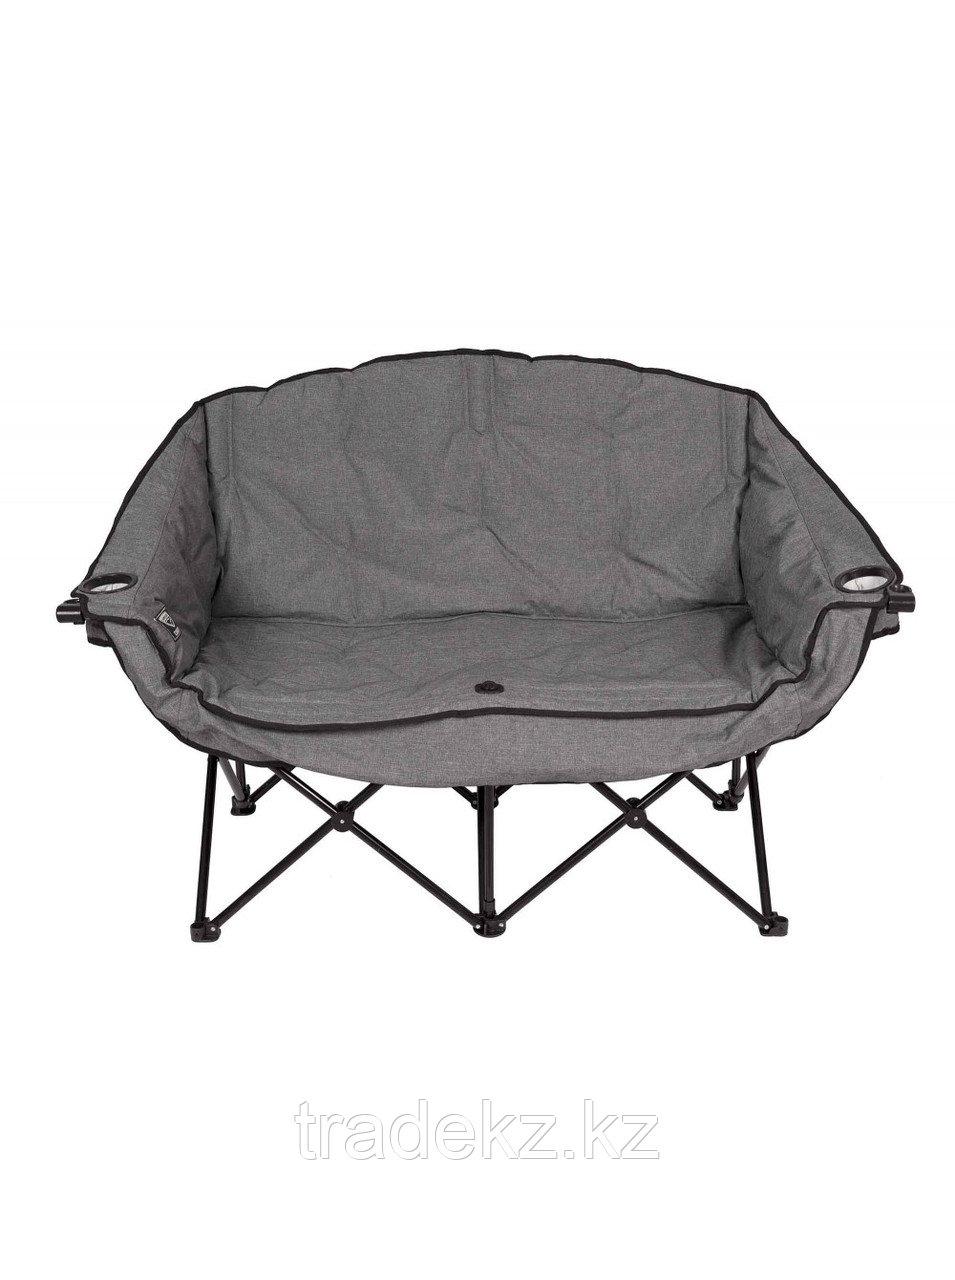 Кресло складное кемпинговое двухместное Condor APL-XLB224C, размер 50x34x98 см.